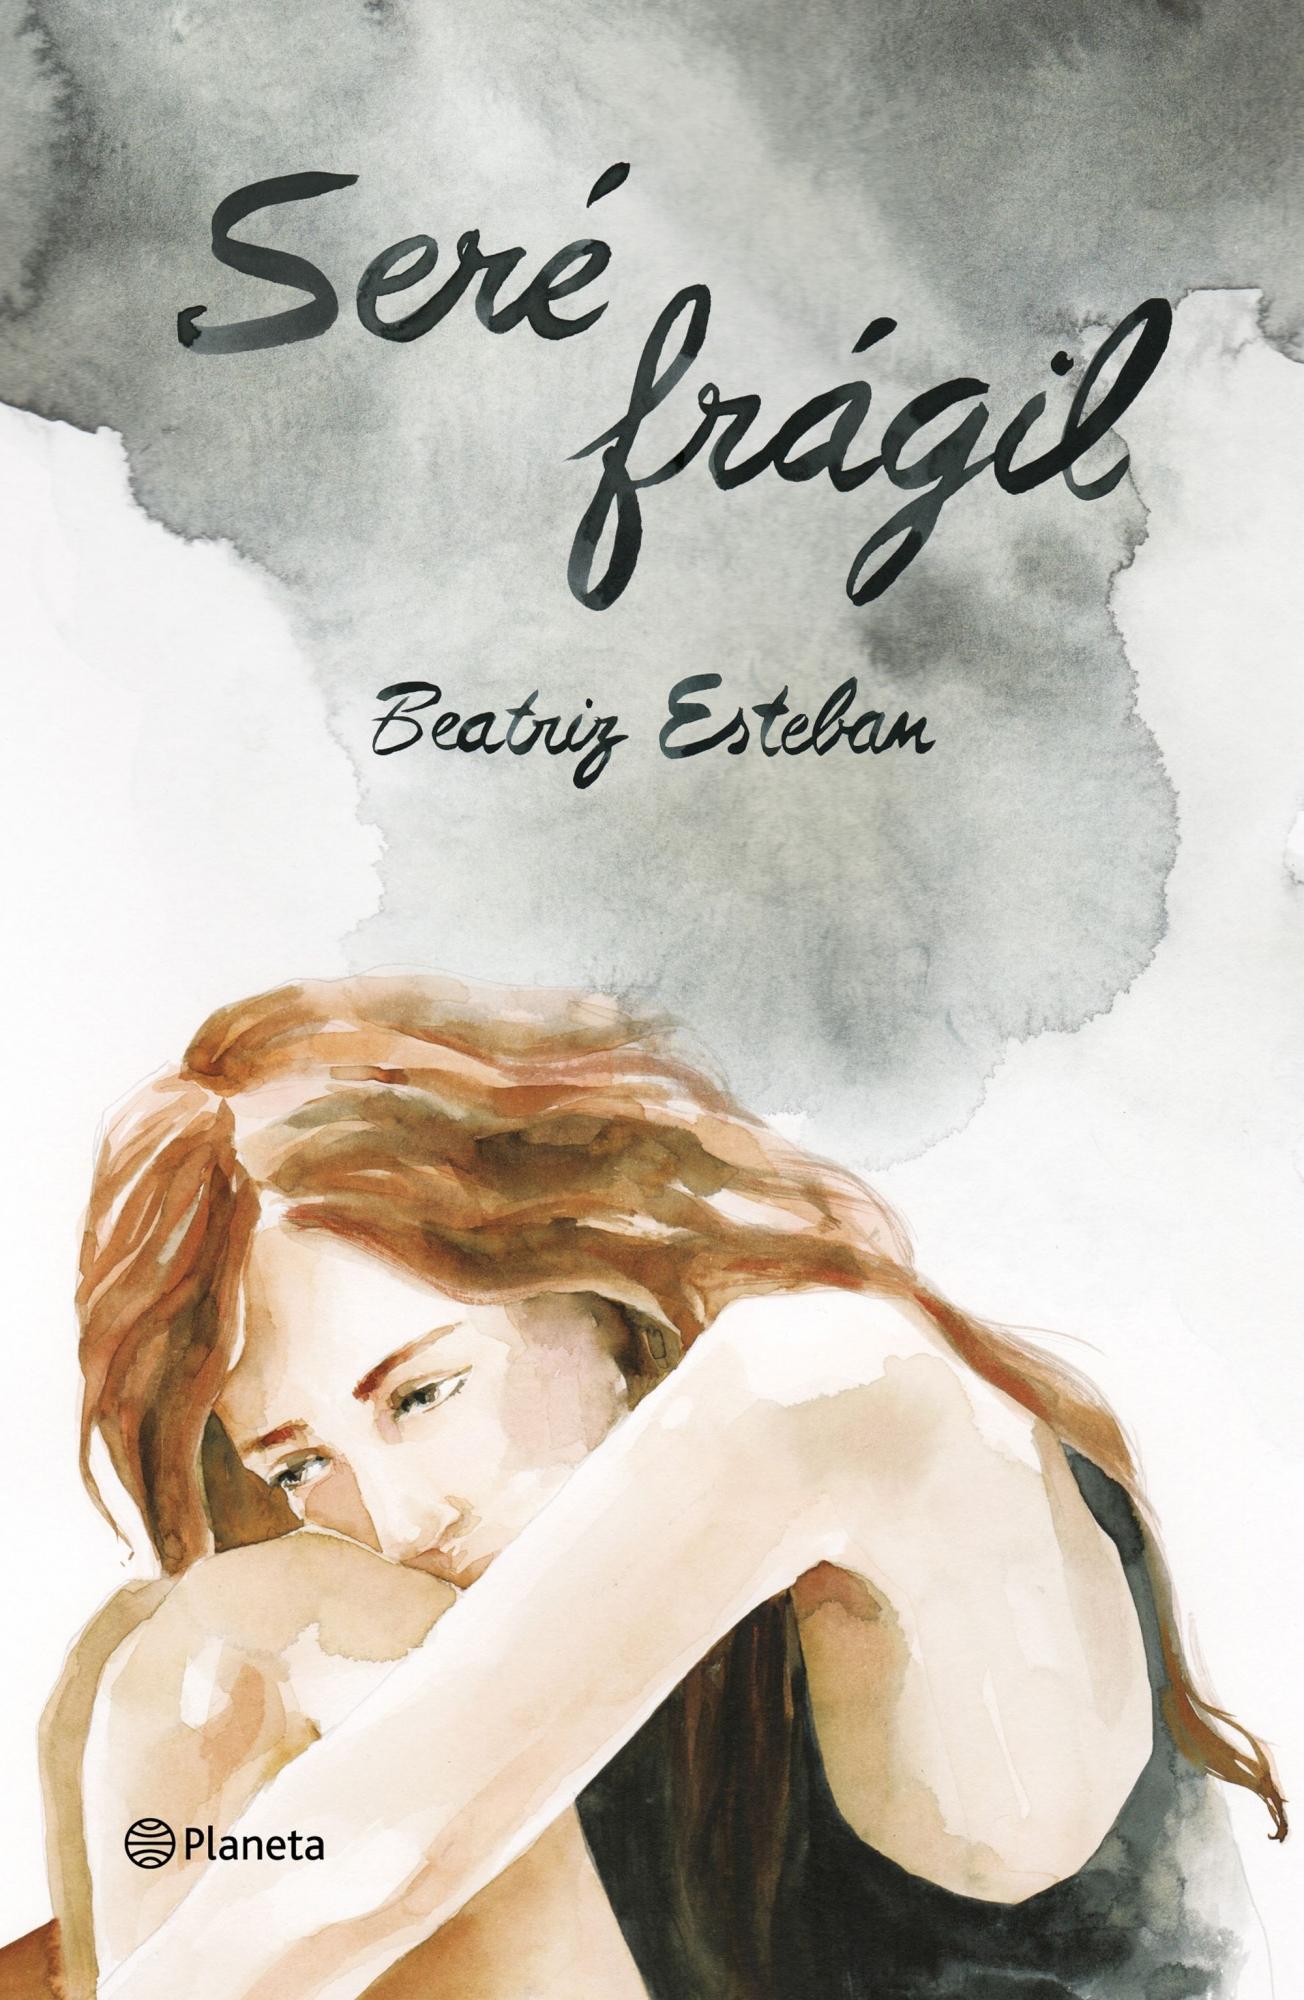 Portada del libro 'Seré frágil' de Beatriz Esteban, que muestra que la superación de la anorexia es posible.